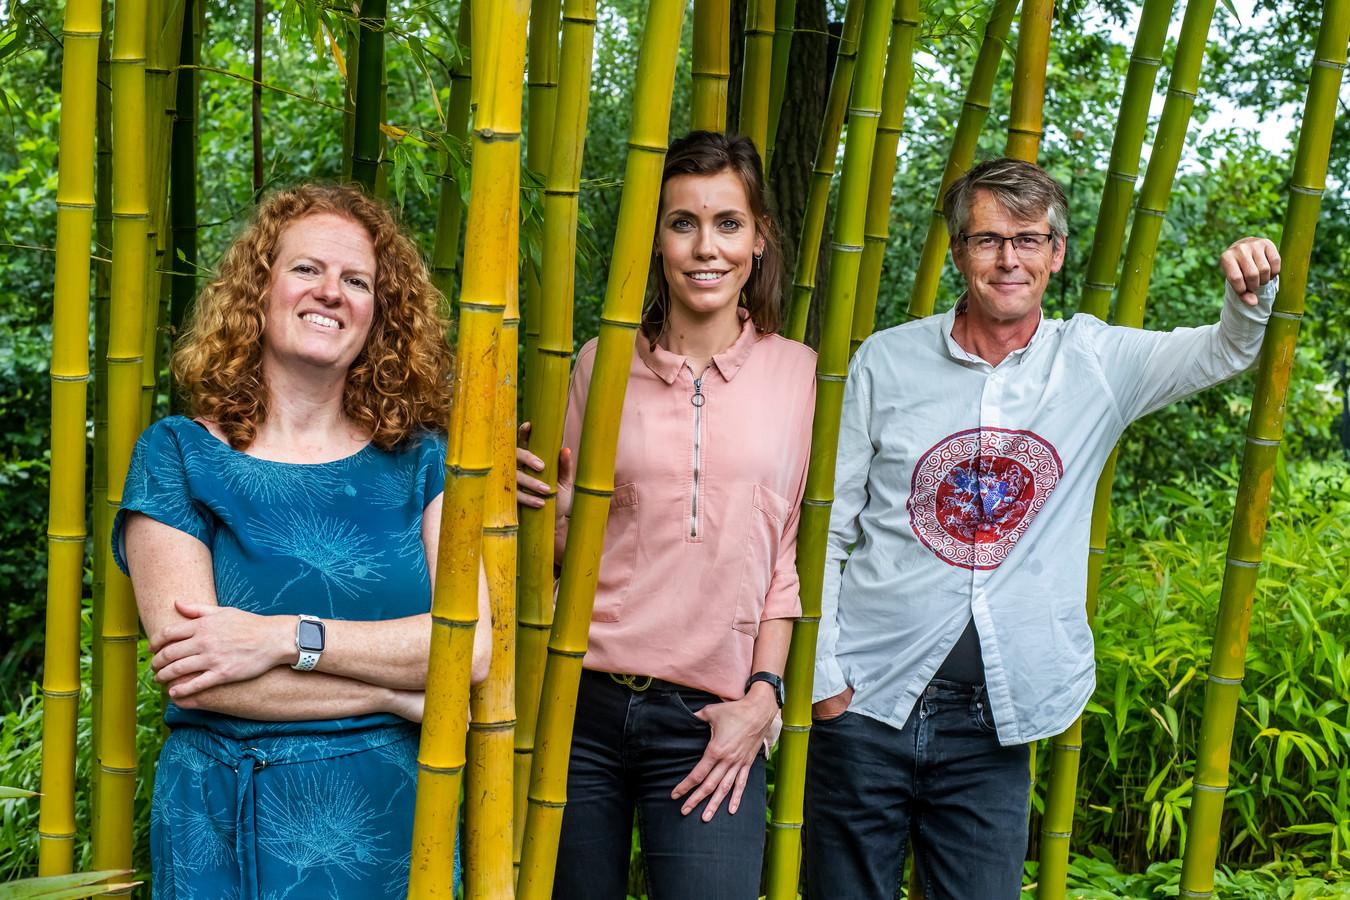 Anoek van der Leest, Mireille Langendijk en Jaco Appelman in de Botanische Tuinen van Utrecht. Zij schreven Zo kan het ook, een boek over meer in harmonie leven met de natuur.